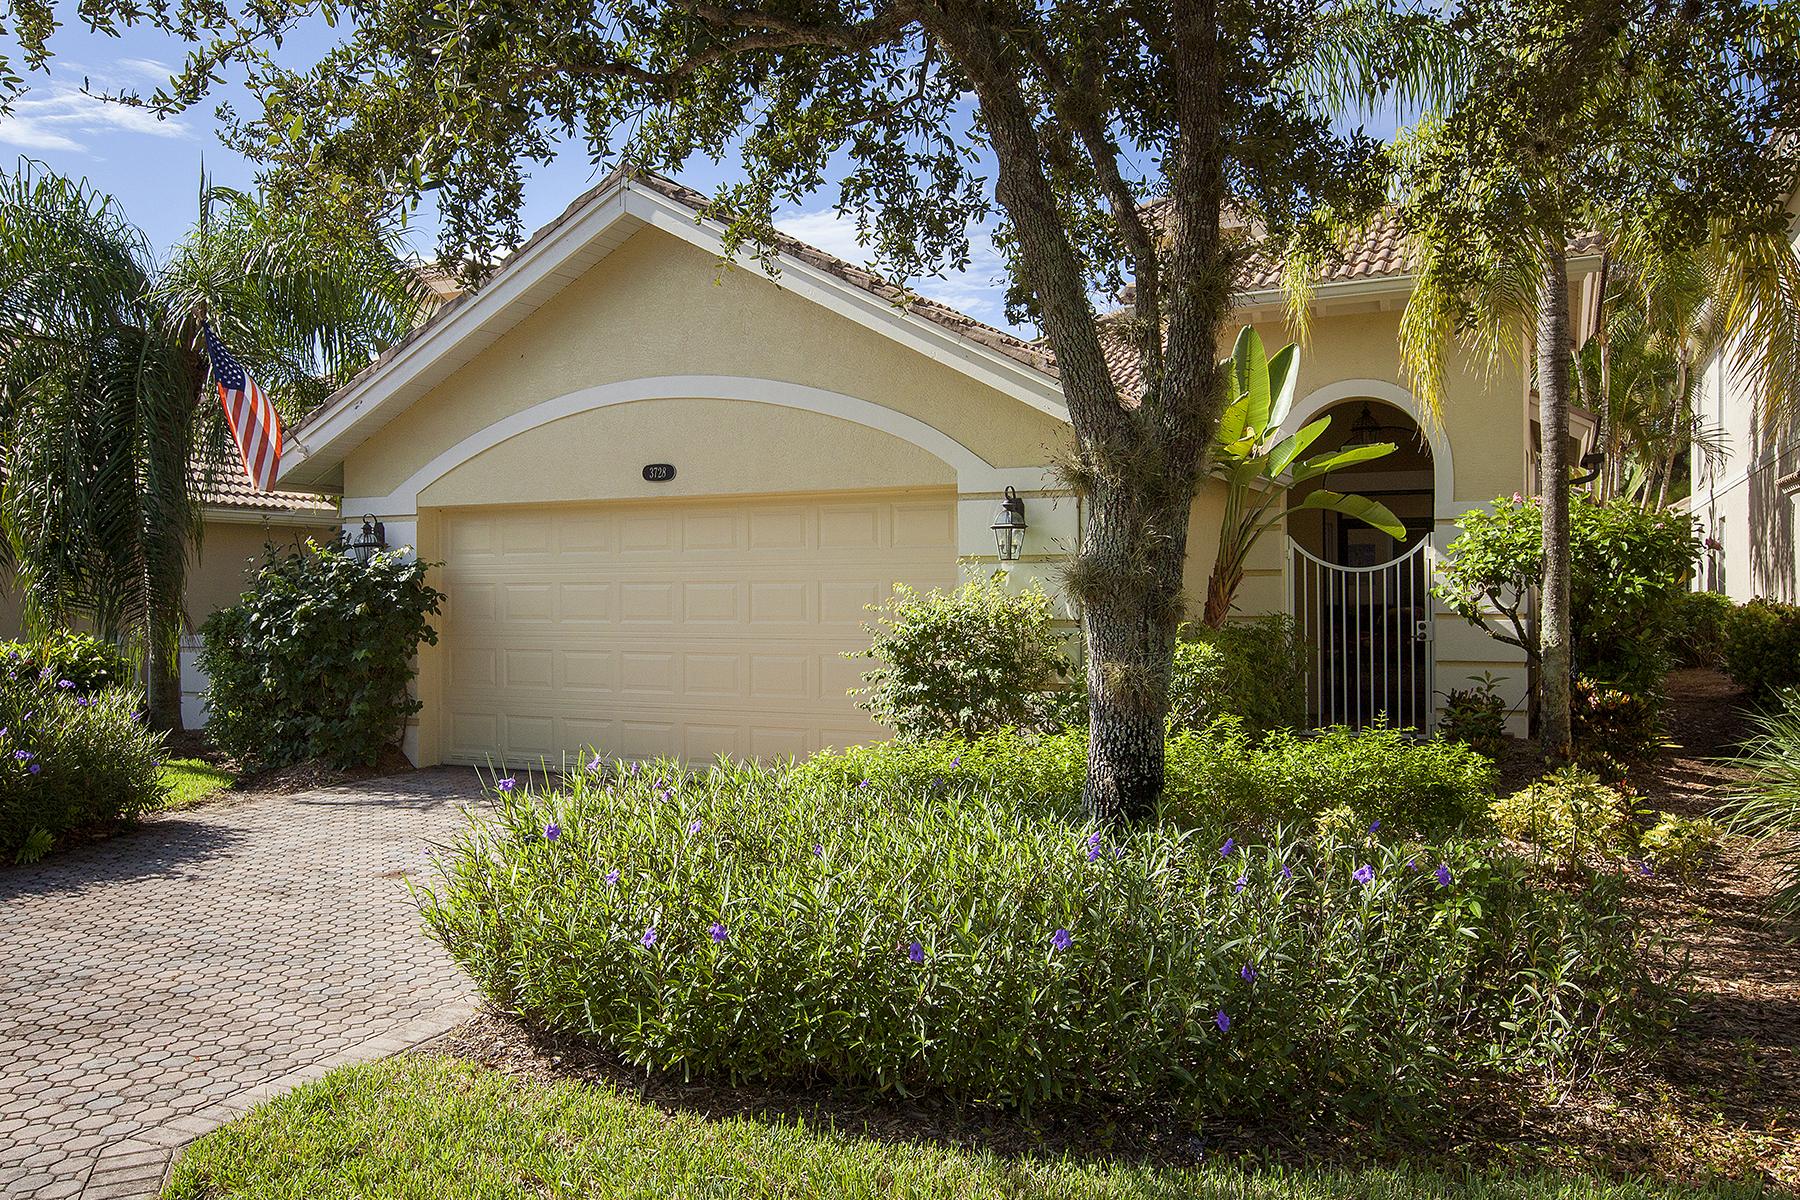 独户住宅 为 销售 在 FIDDLER'S CREEK - COTTON GREEN 3728 Cotton Green Path Dr Naples, 佛罗里达州 34114 美国